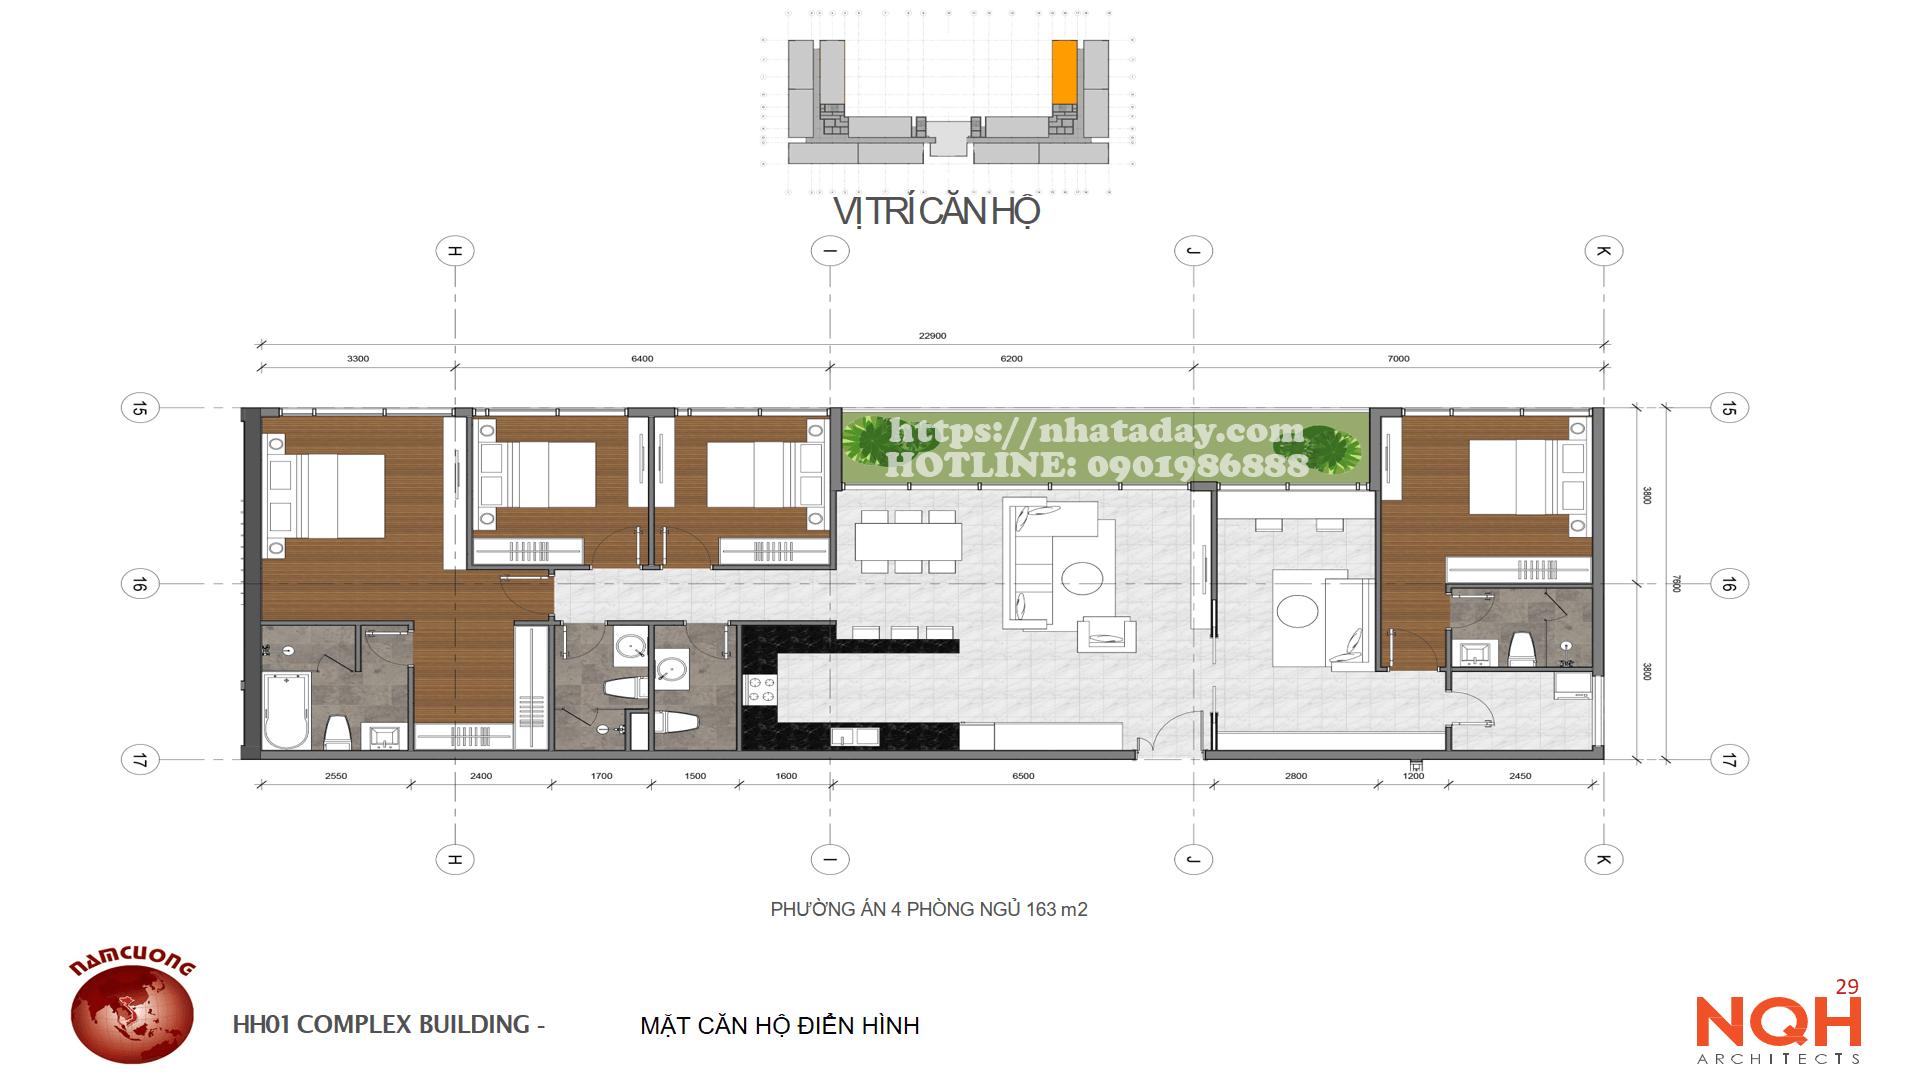 Thiết kế căn hộ 163m2 Chung cư Anland Complex Building Nam Cường Dương Nội